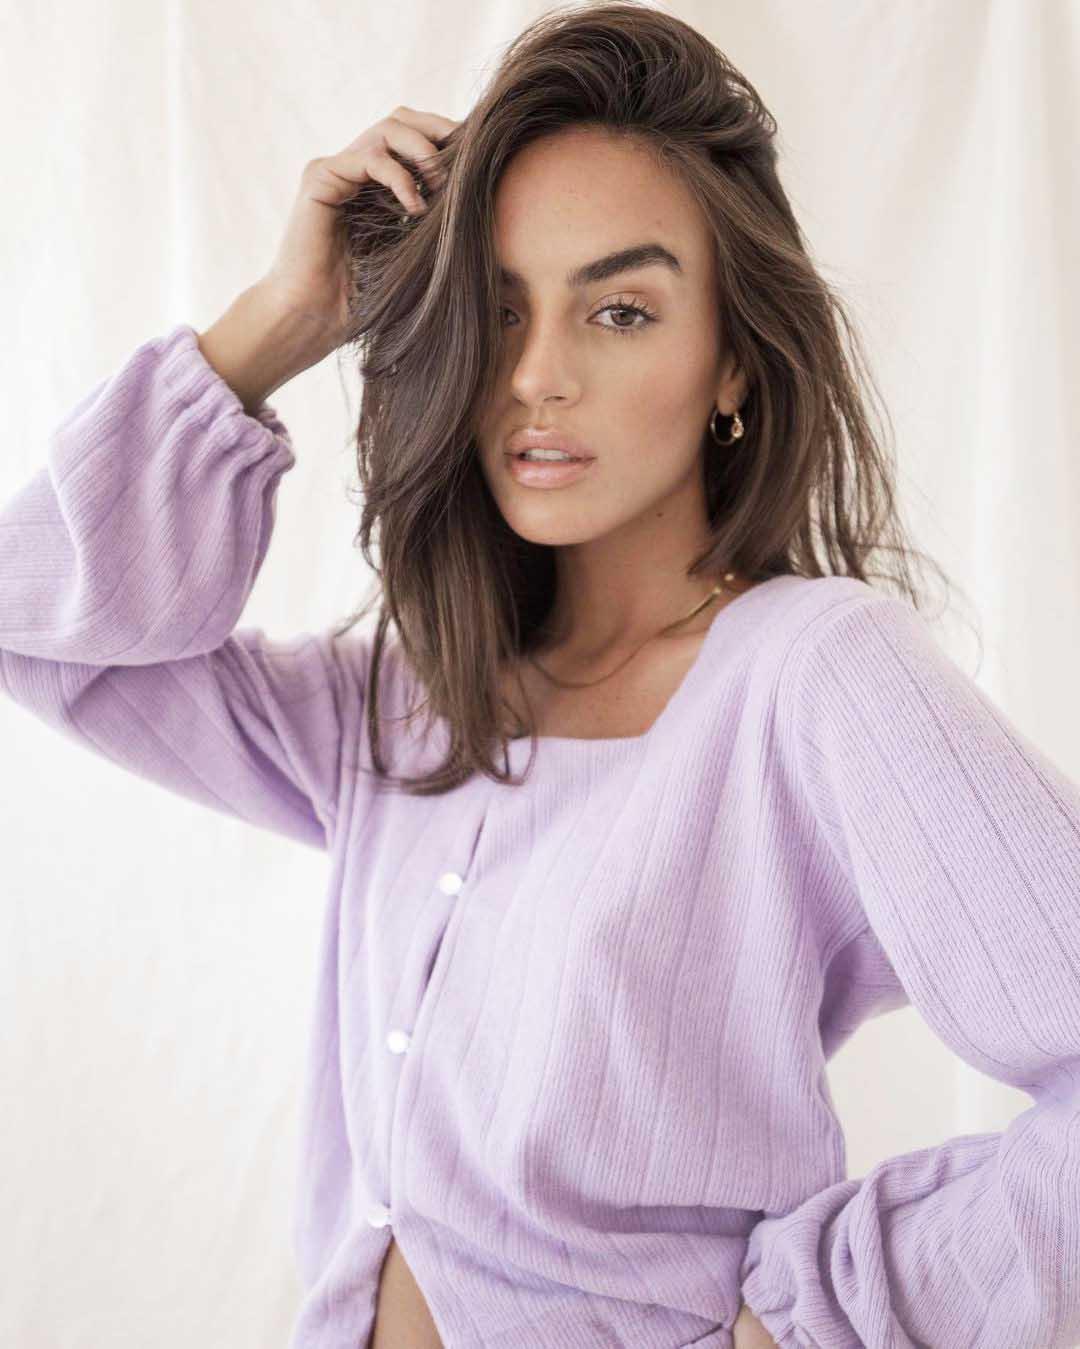 blusa remera estilo comfy otoño invierno 2021